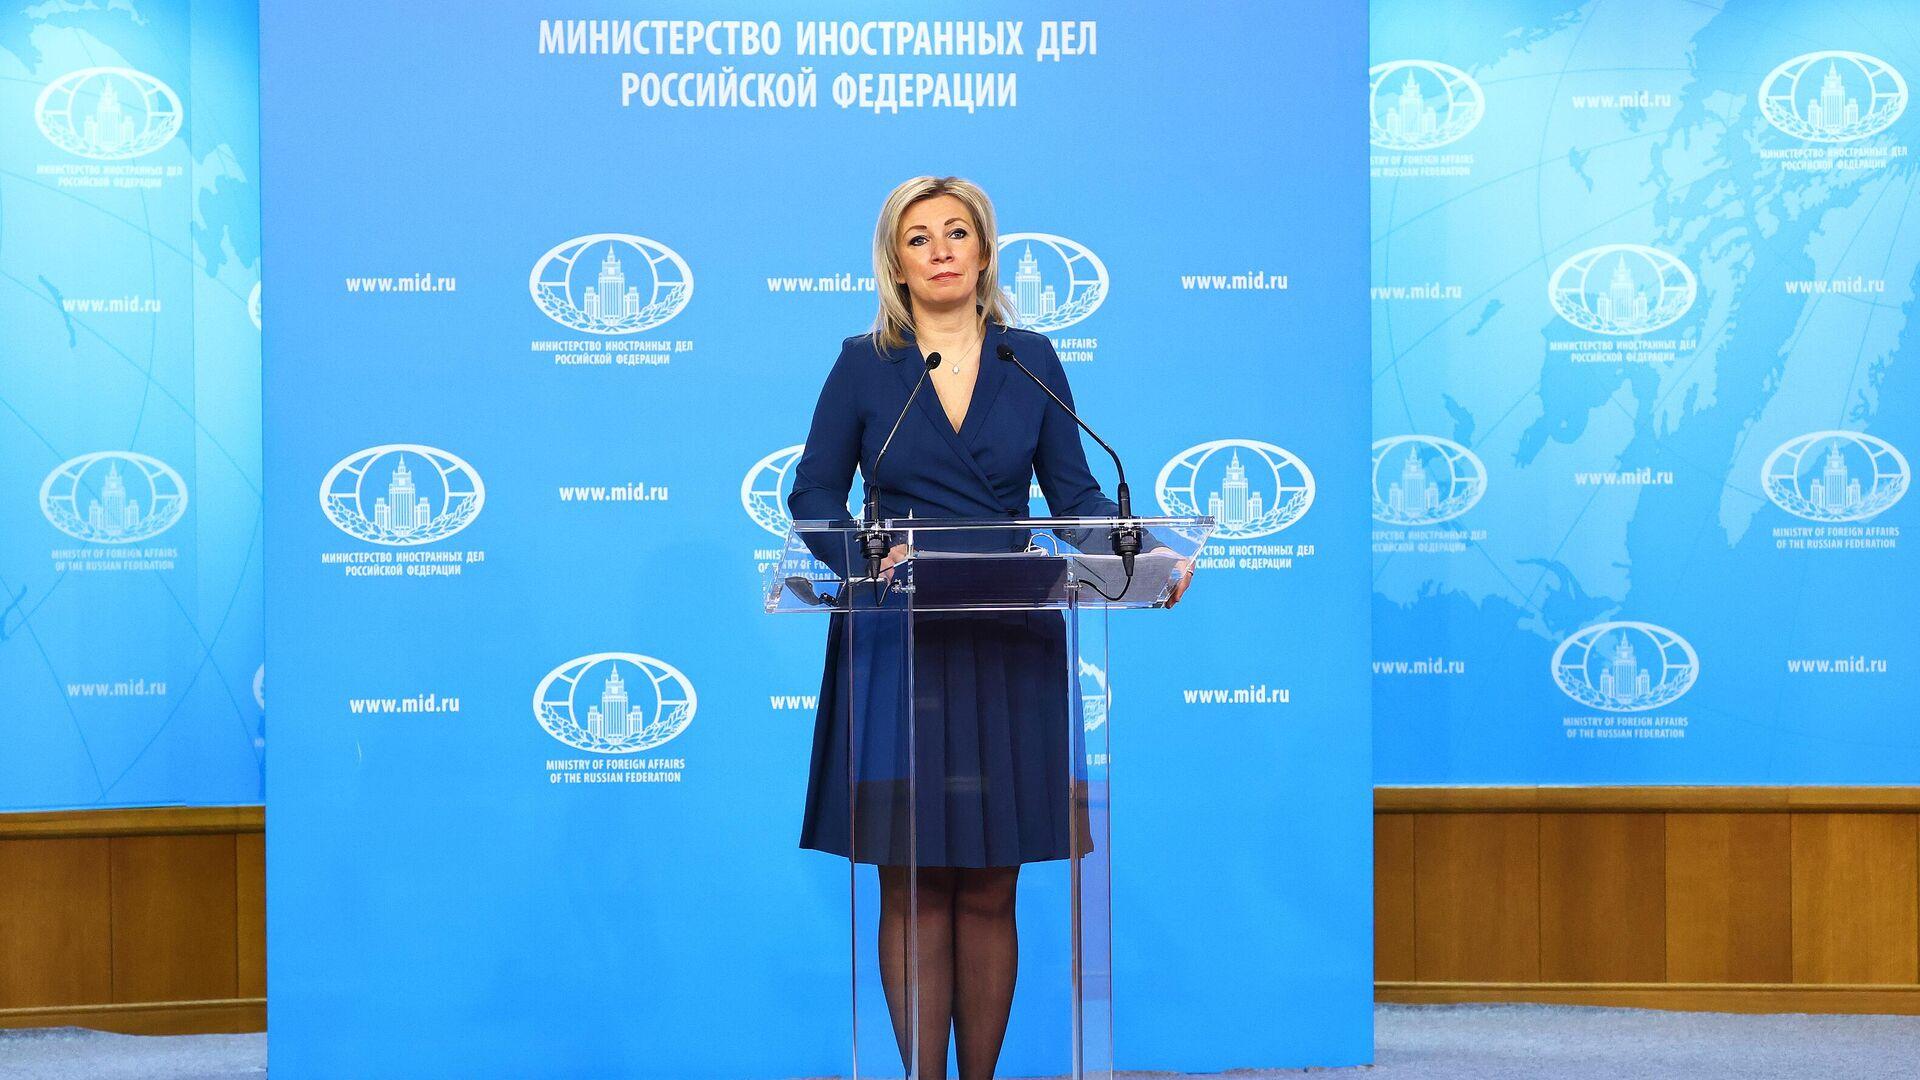 Официальный представитель Министерства иностранных дел России Мария Захарова во время брифинга в Москве - РИА Новости, 1920, 20.01.2021